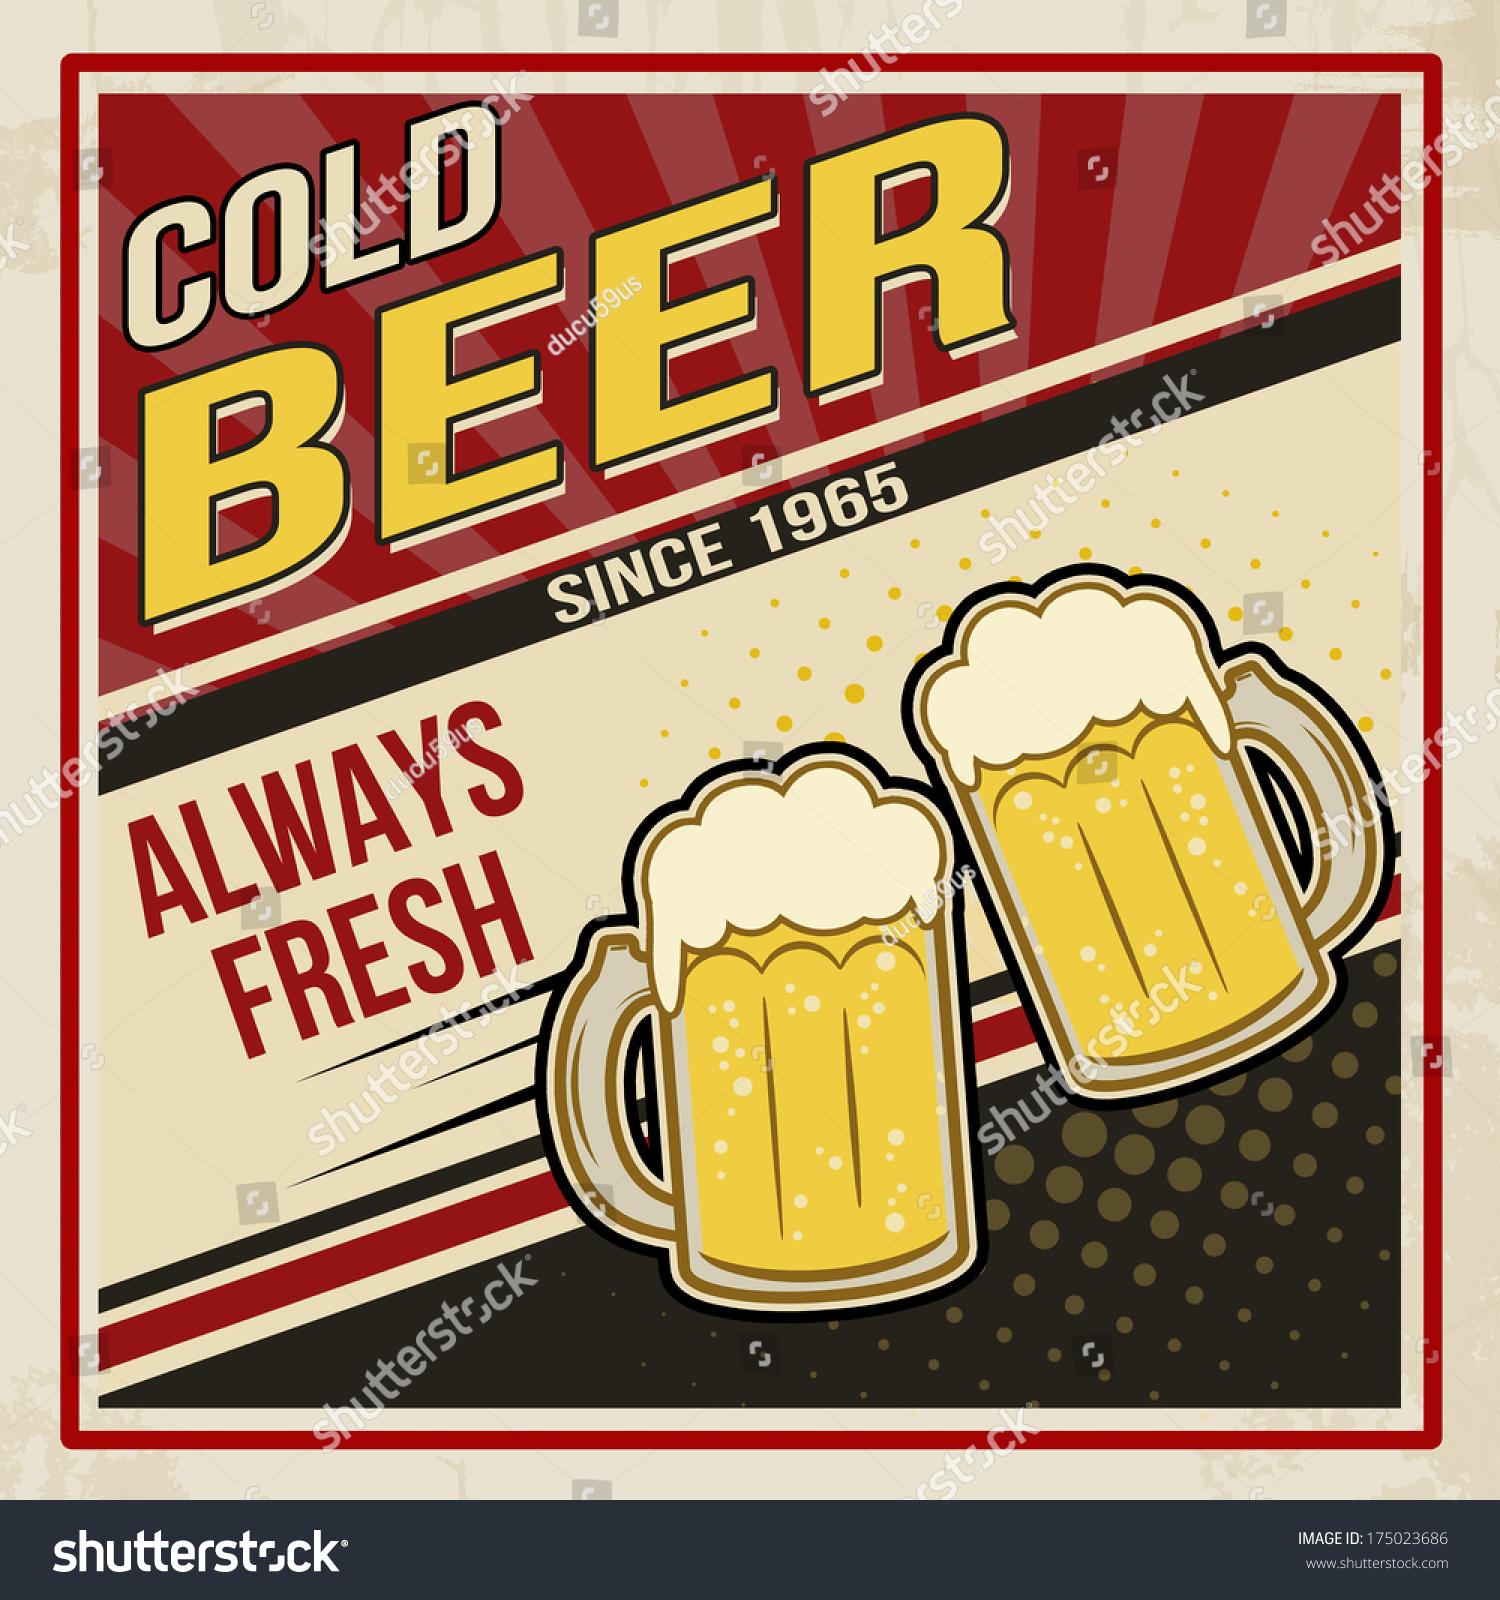 复古啤酒海报.冷啤酒的老式海报模板,矢量插图-食品及